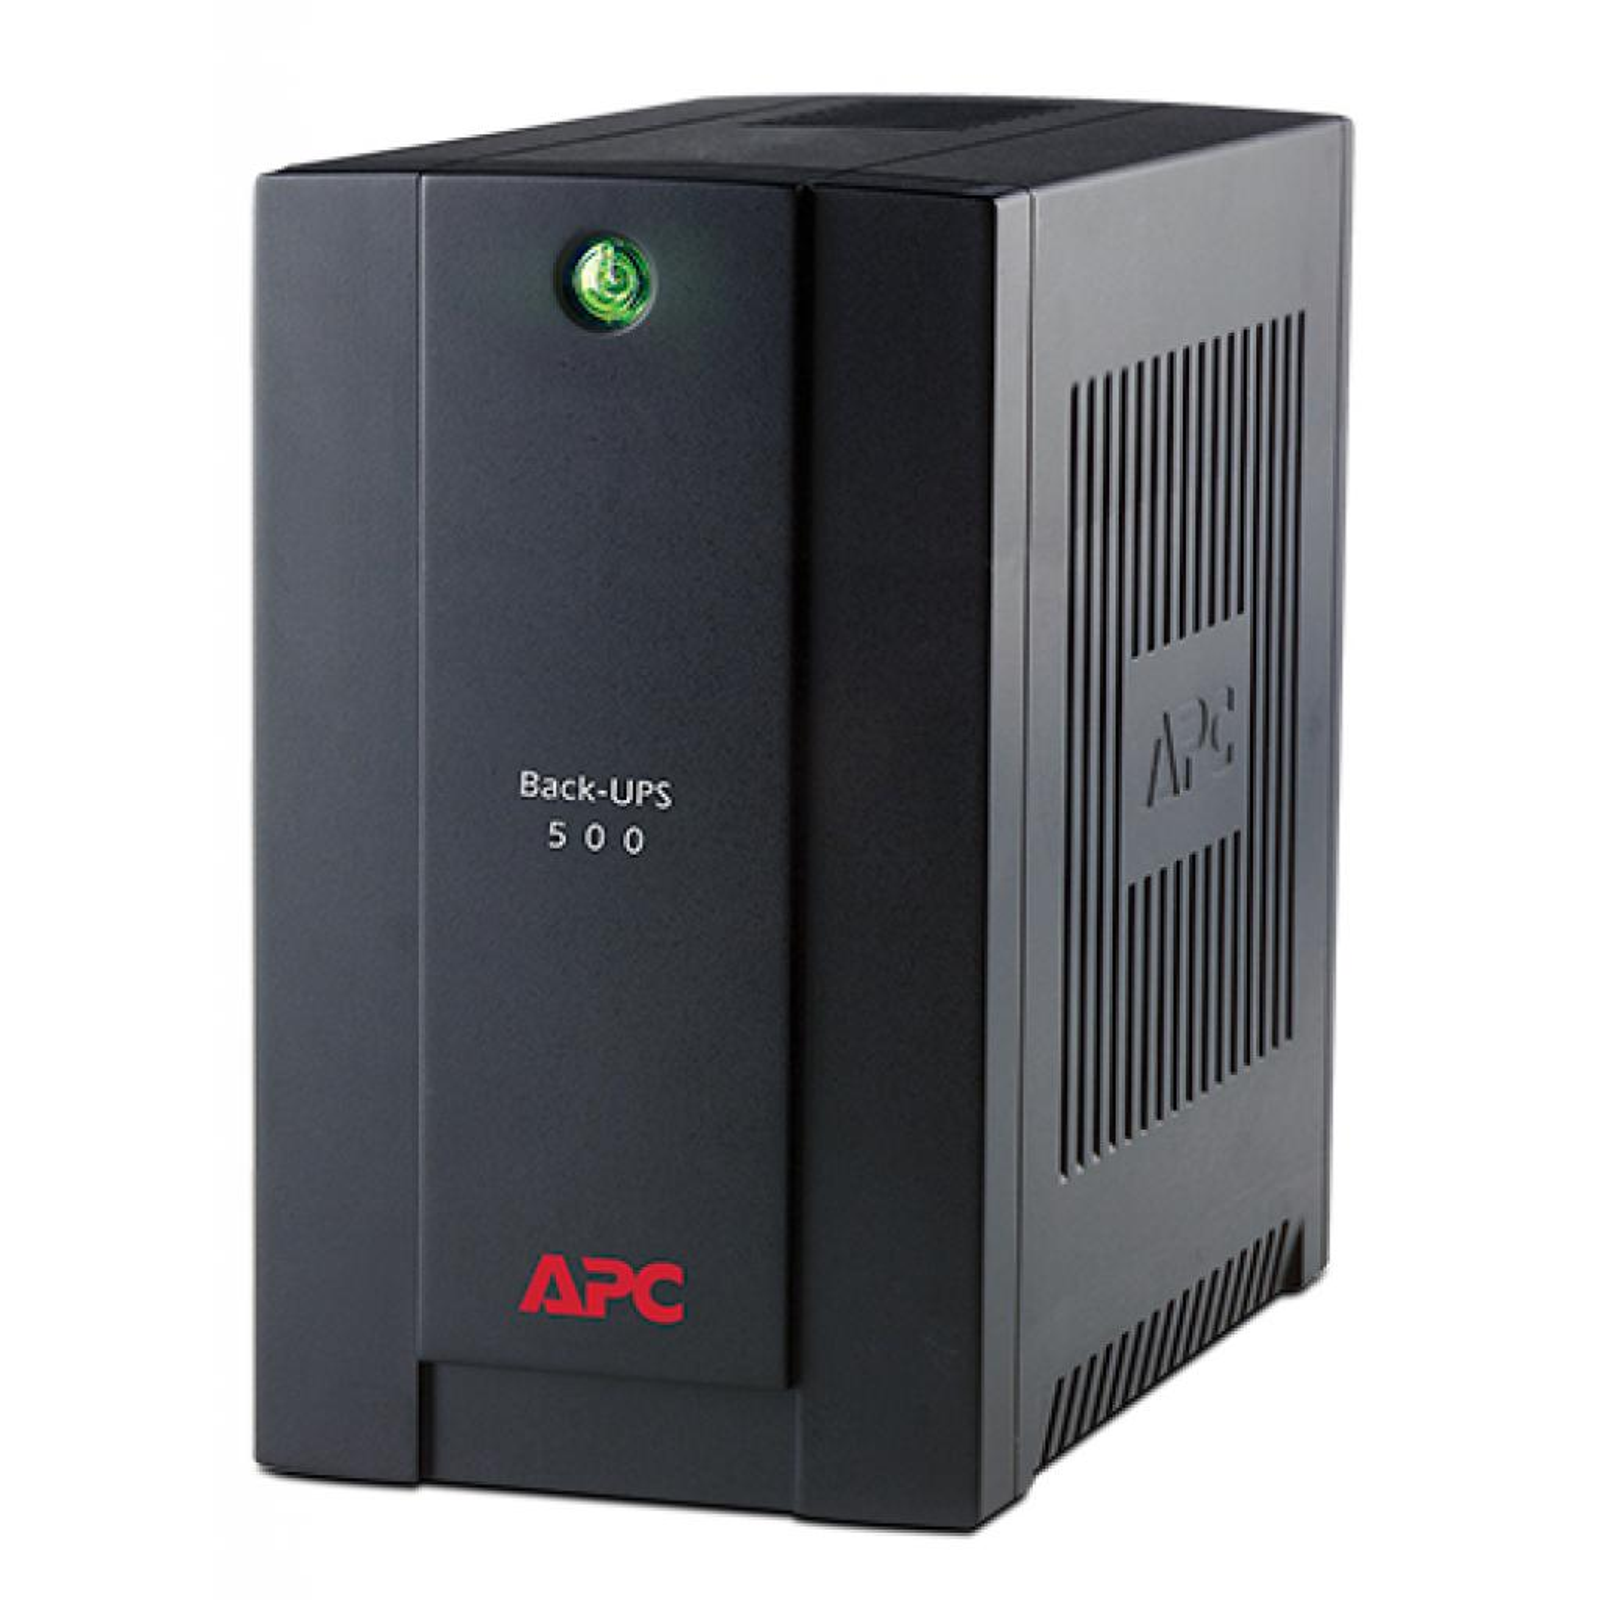 Источник бесперебойного питания APC Back-UPS 500VA (BC500-RS)